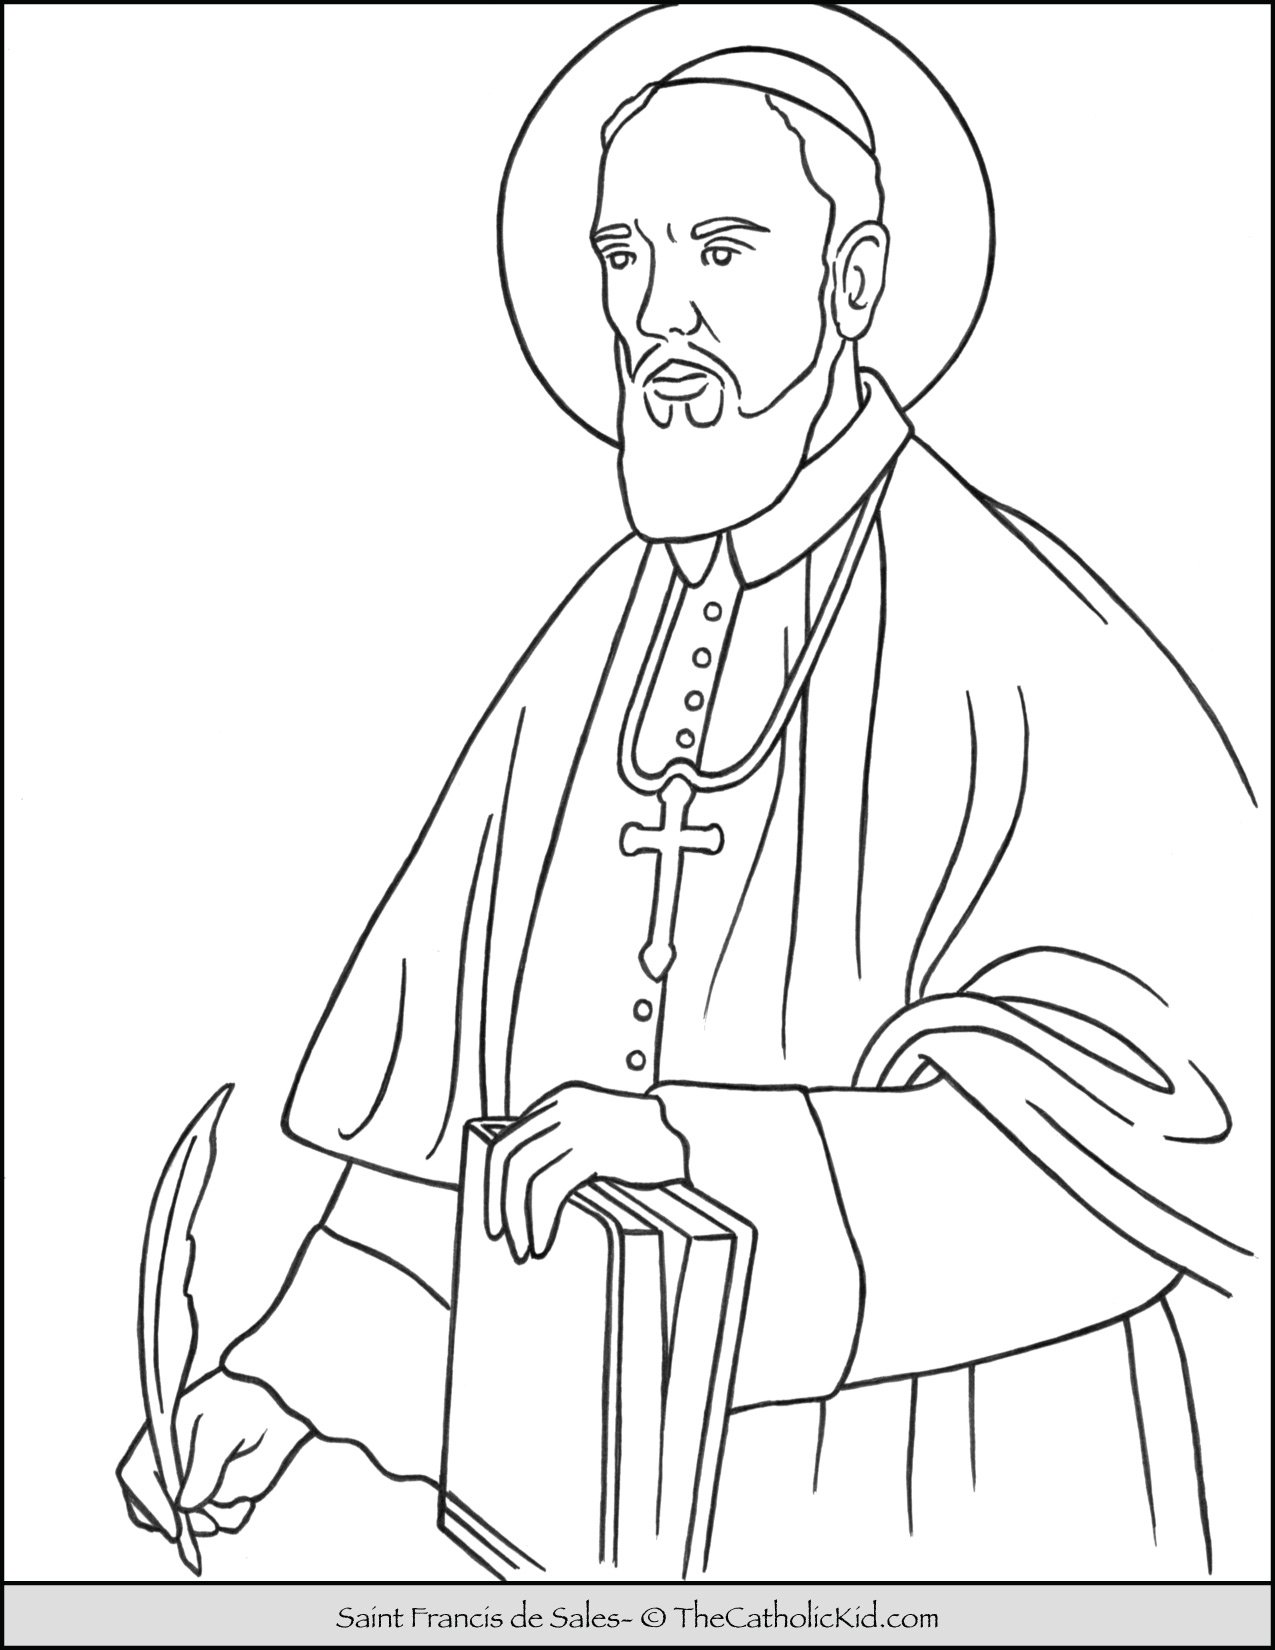 Saint Francis de Sales Coloring Page